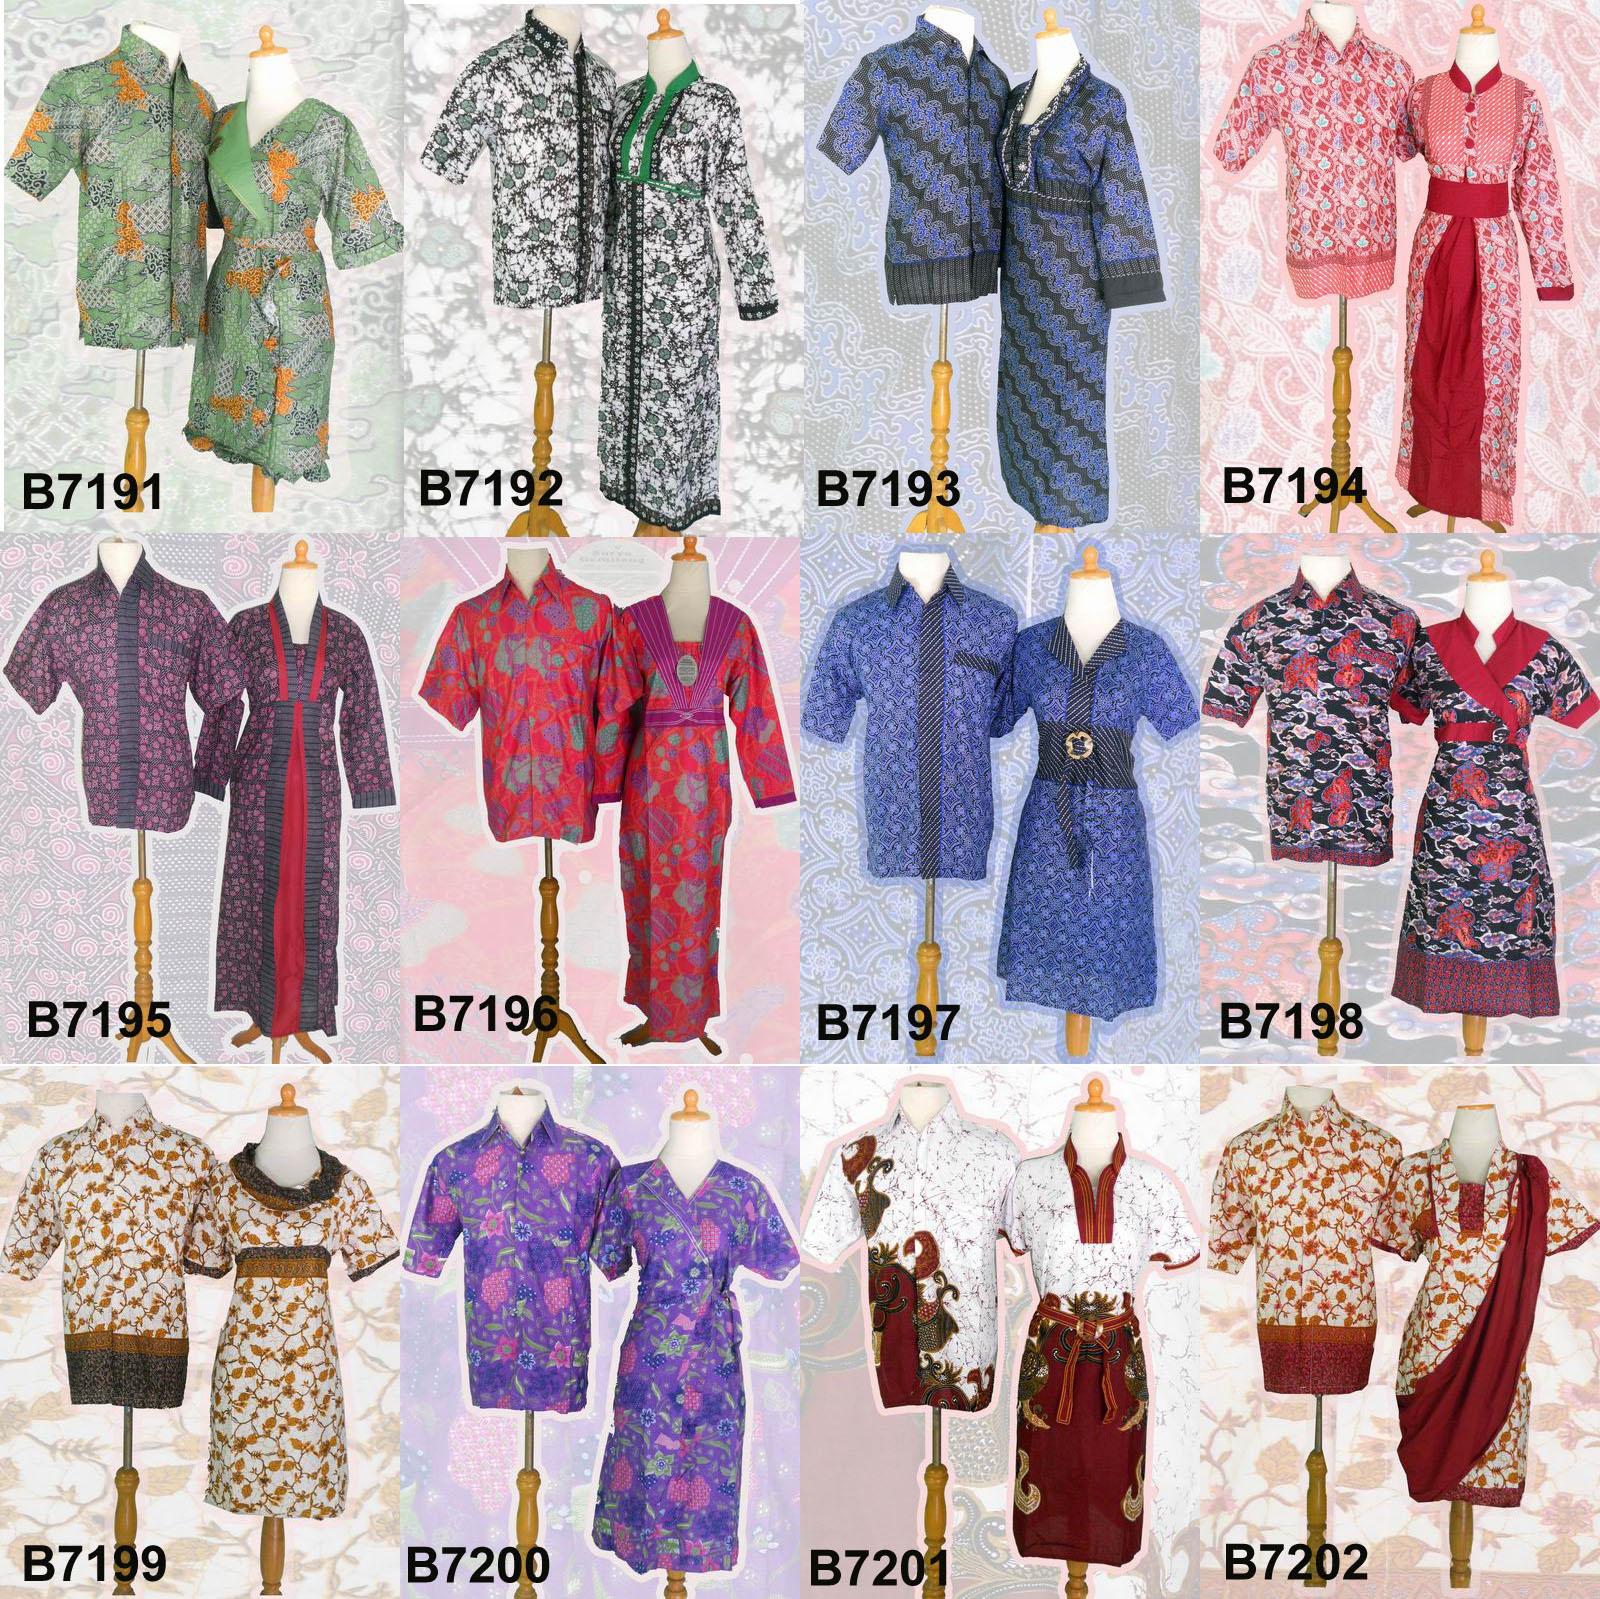 Grosir Batik Murah – Grosir Baju Murah  27095e24c3